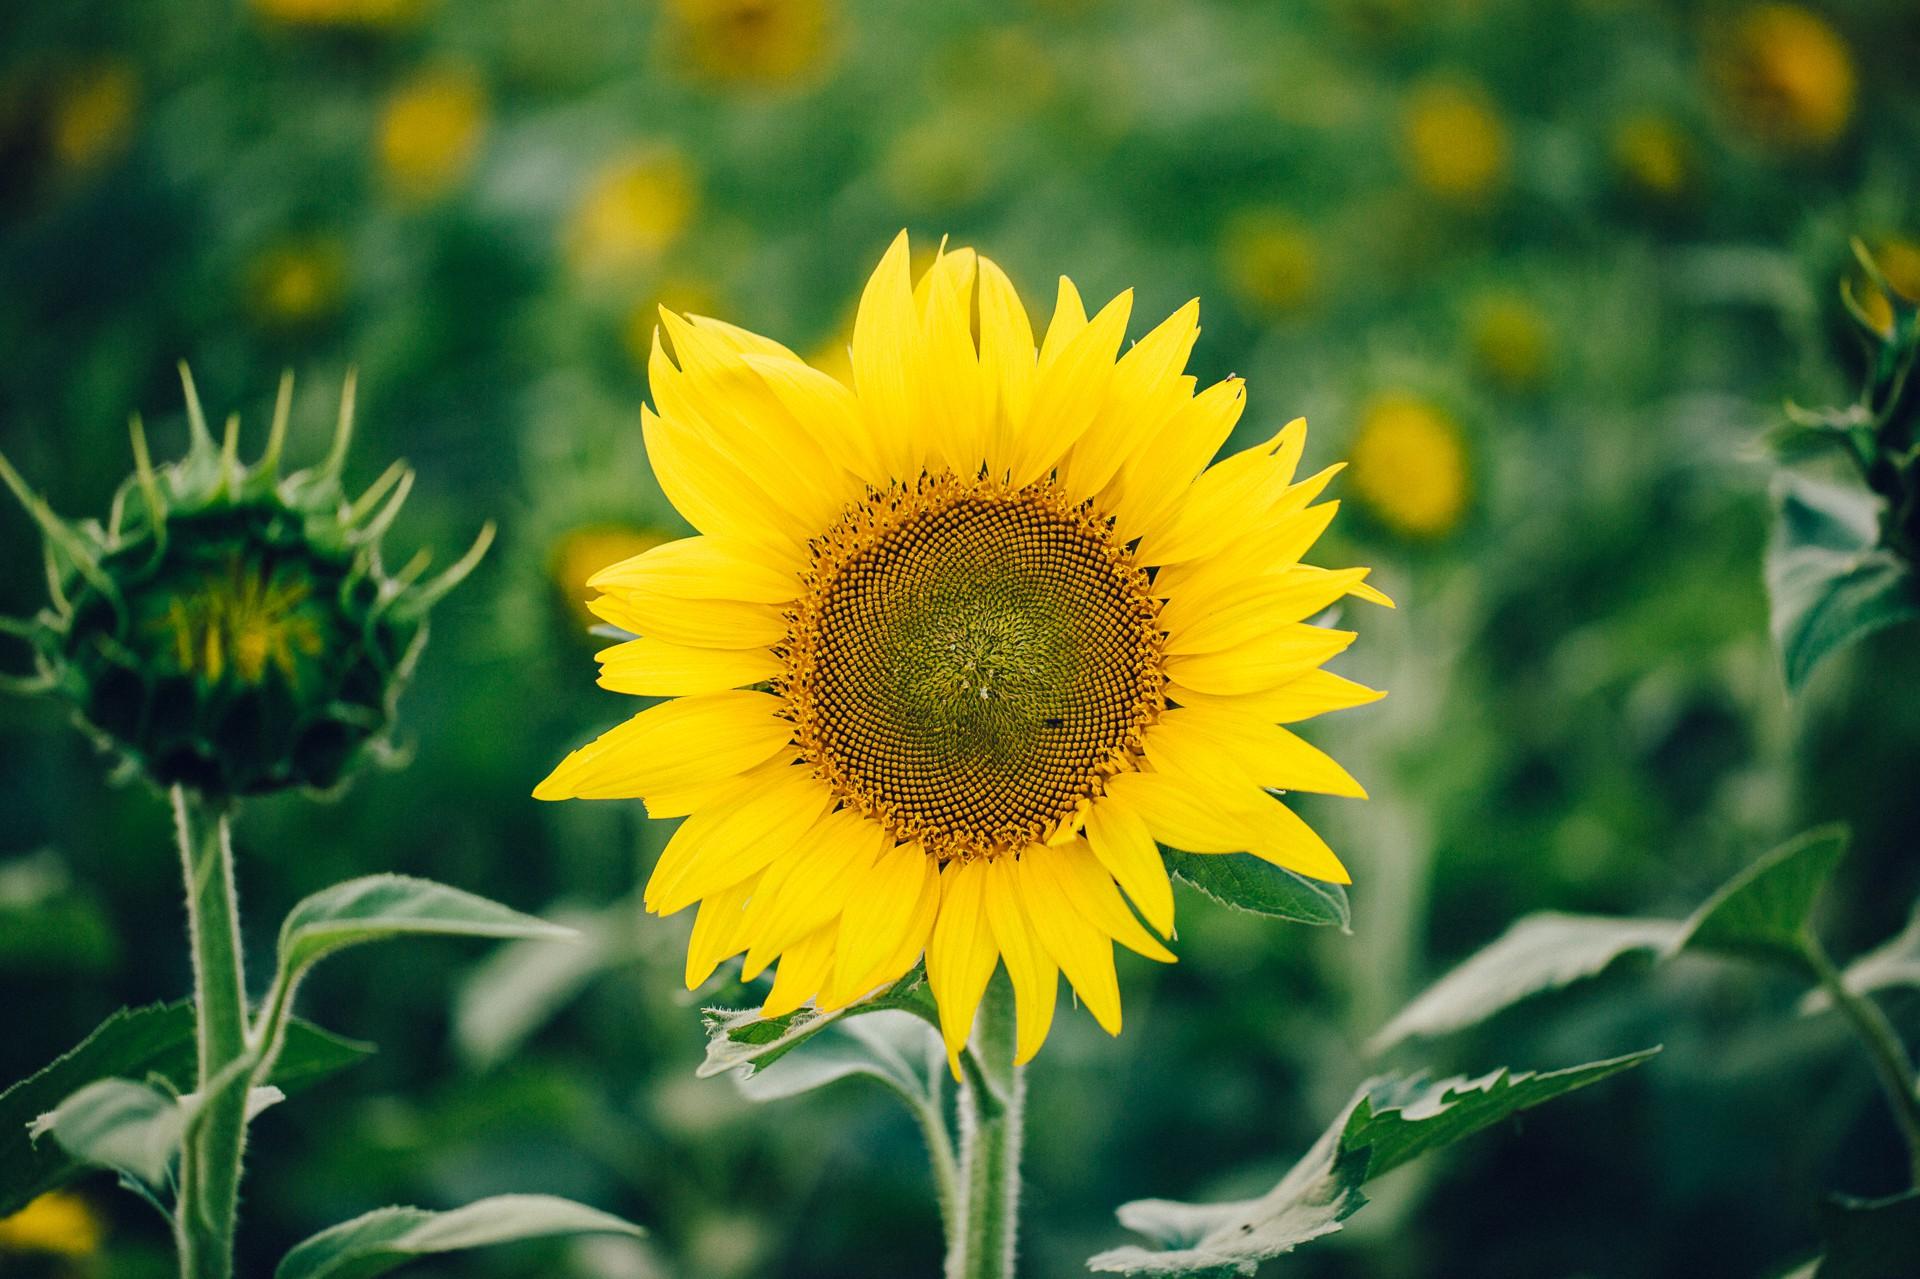 Cleveland Sunflower Field Photos-1.jpg